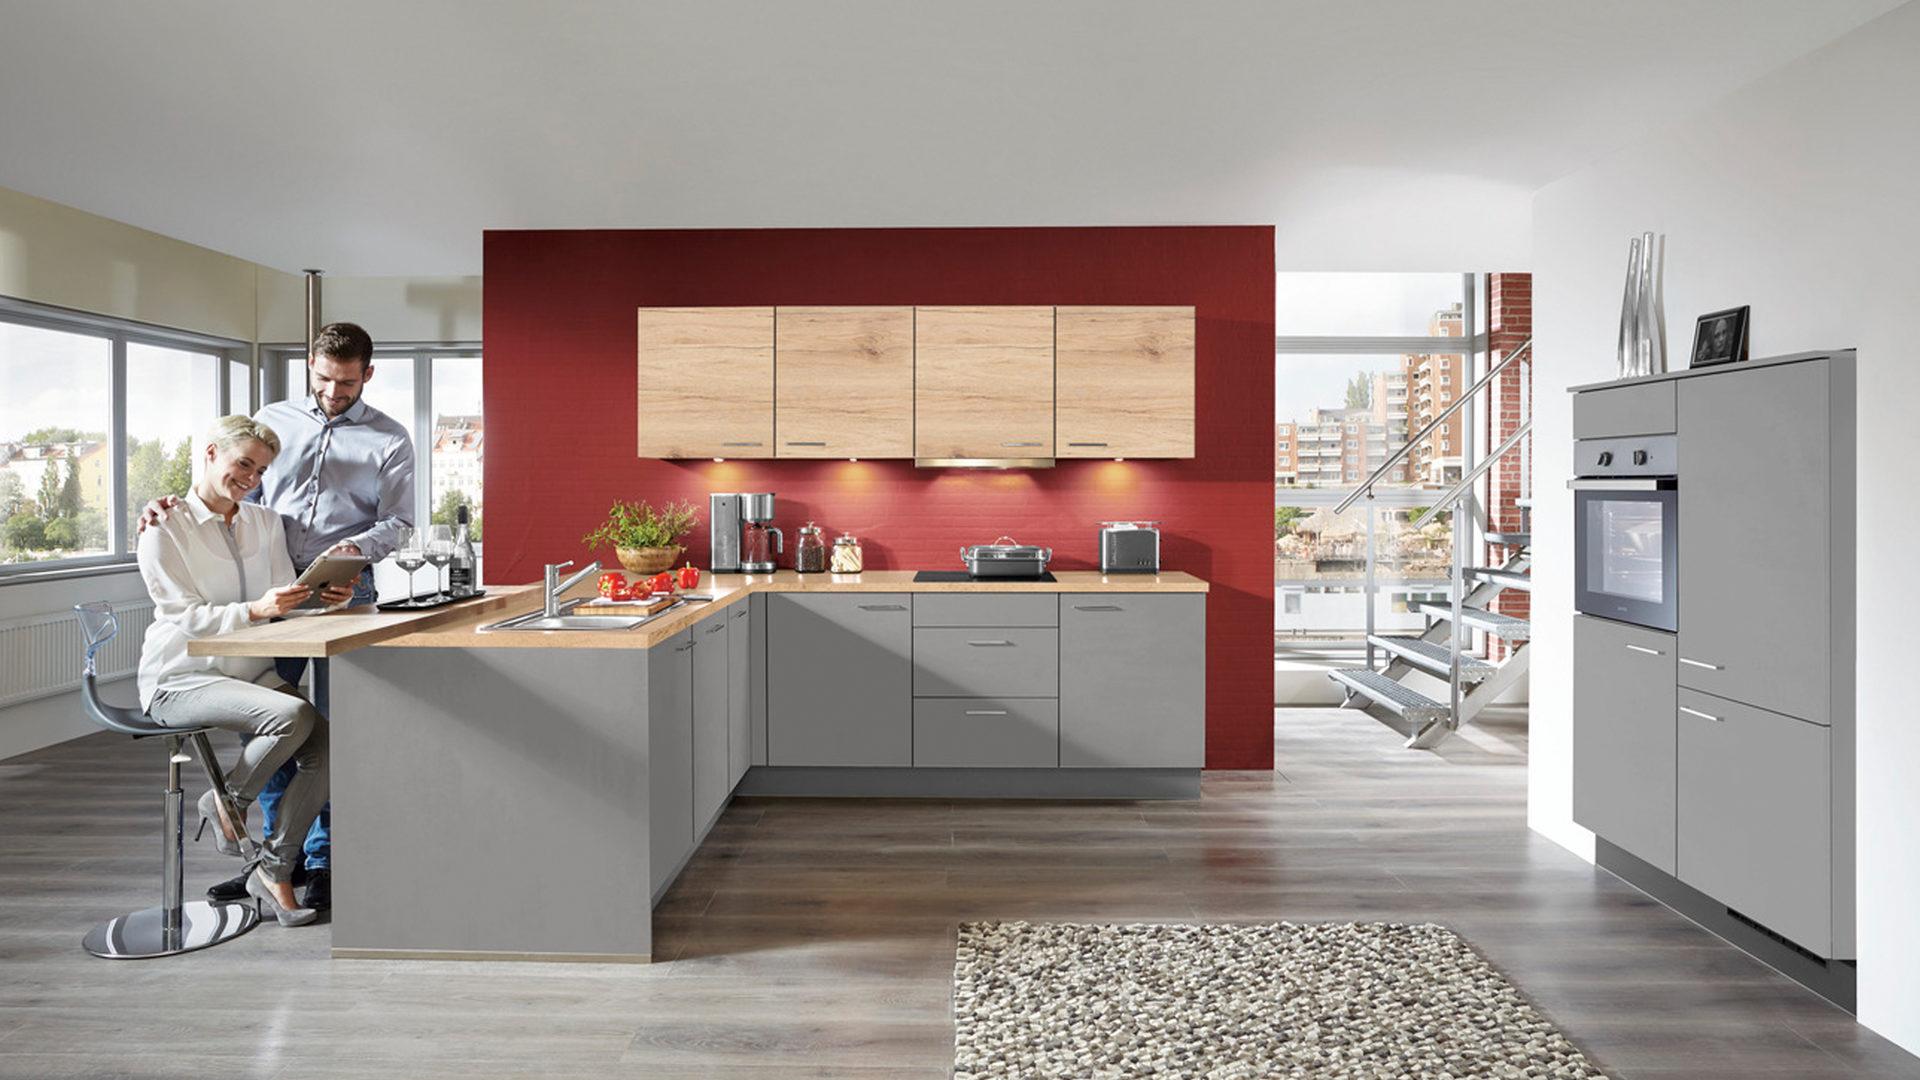 Einbauküche mit gorenje Elektrogeräten und Küchenschrank, San Remo ...